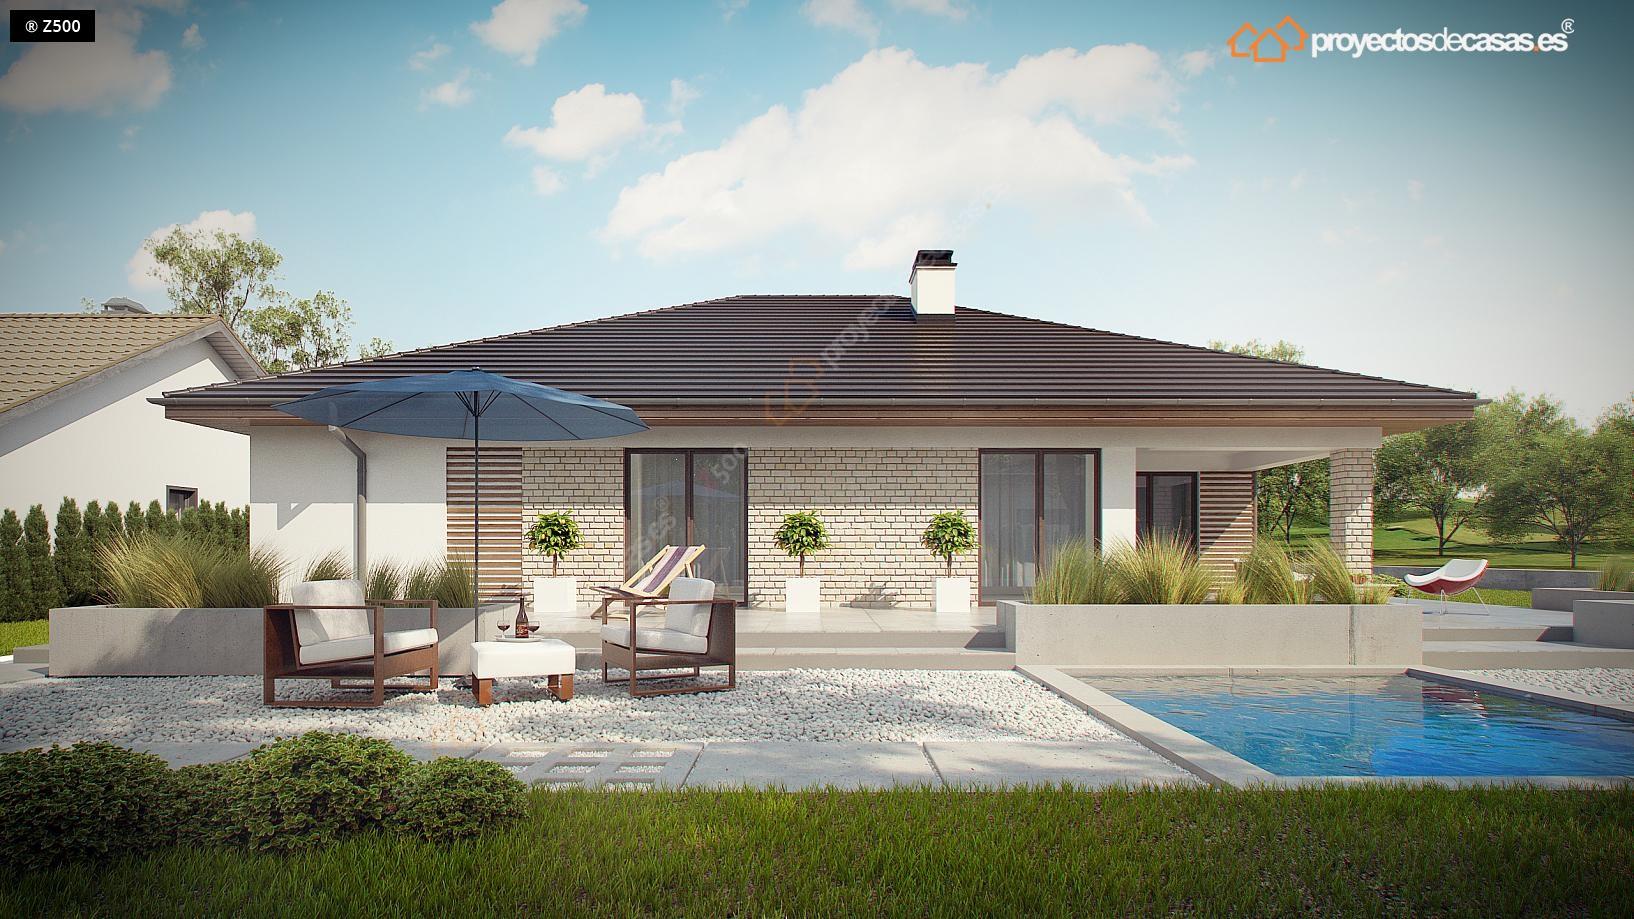 Proyectos de casas casa tradicional proyectosdecasas - Casas planta baja modernas ...